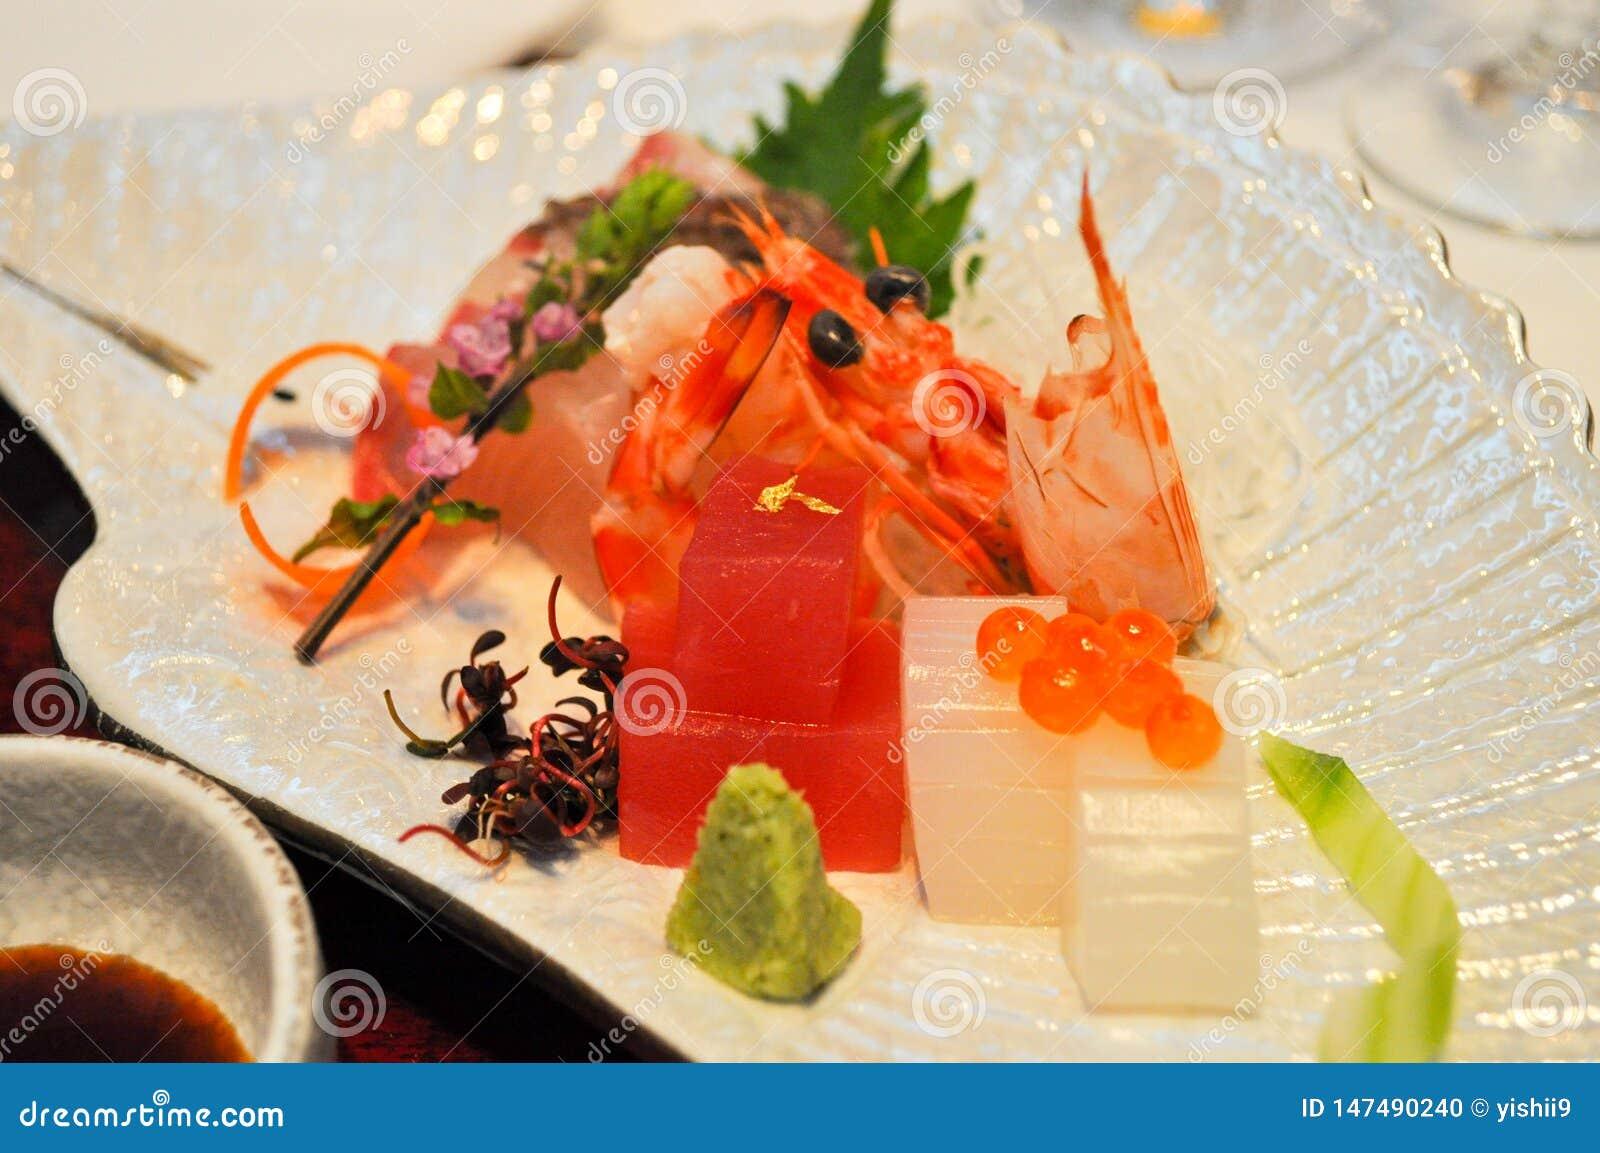 A dish of fish, squid, and shrimp sashimi